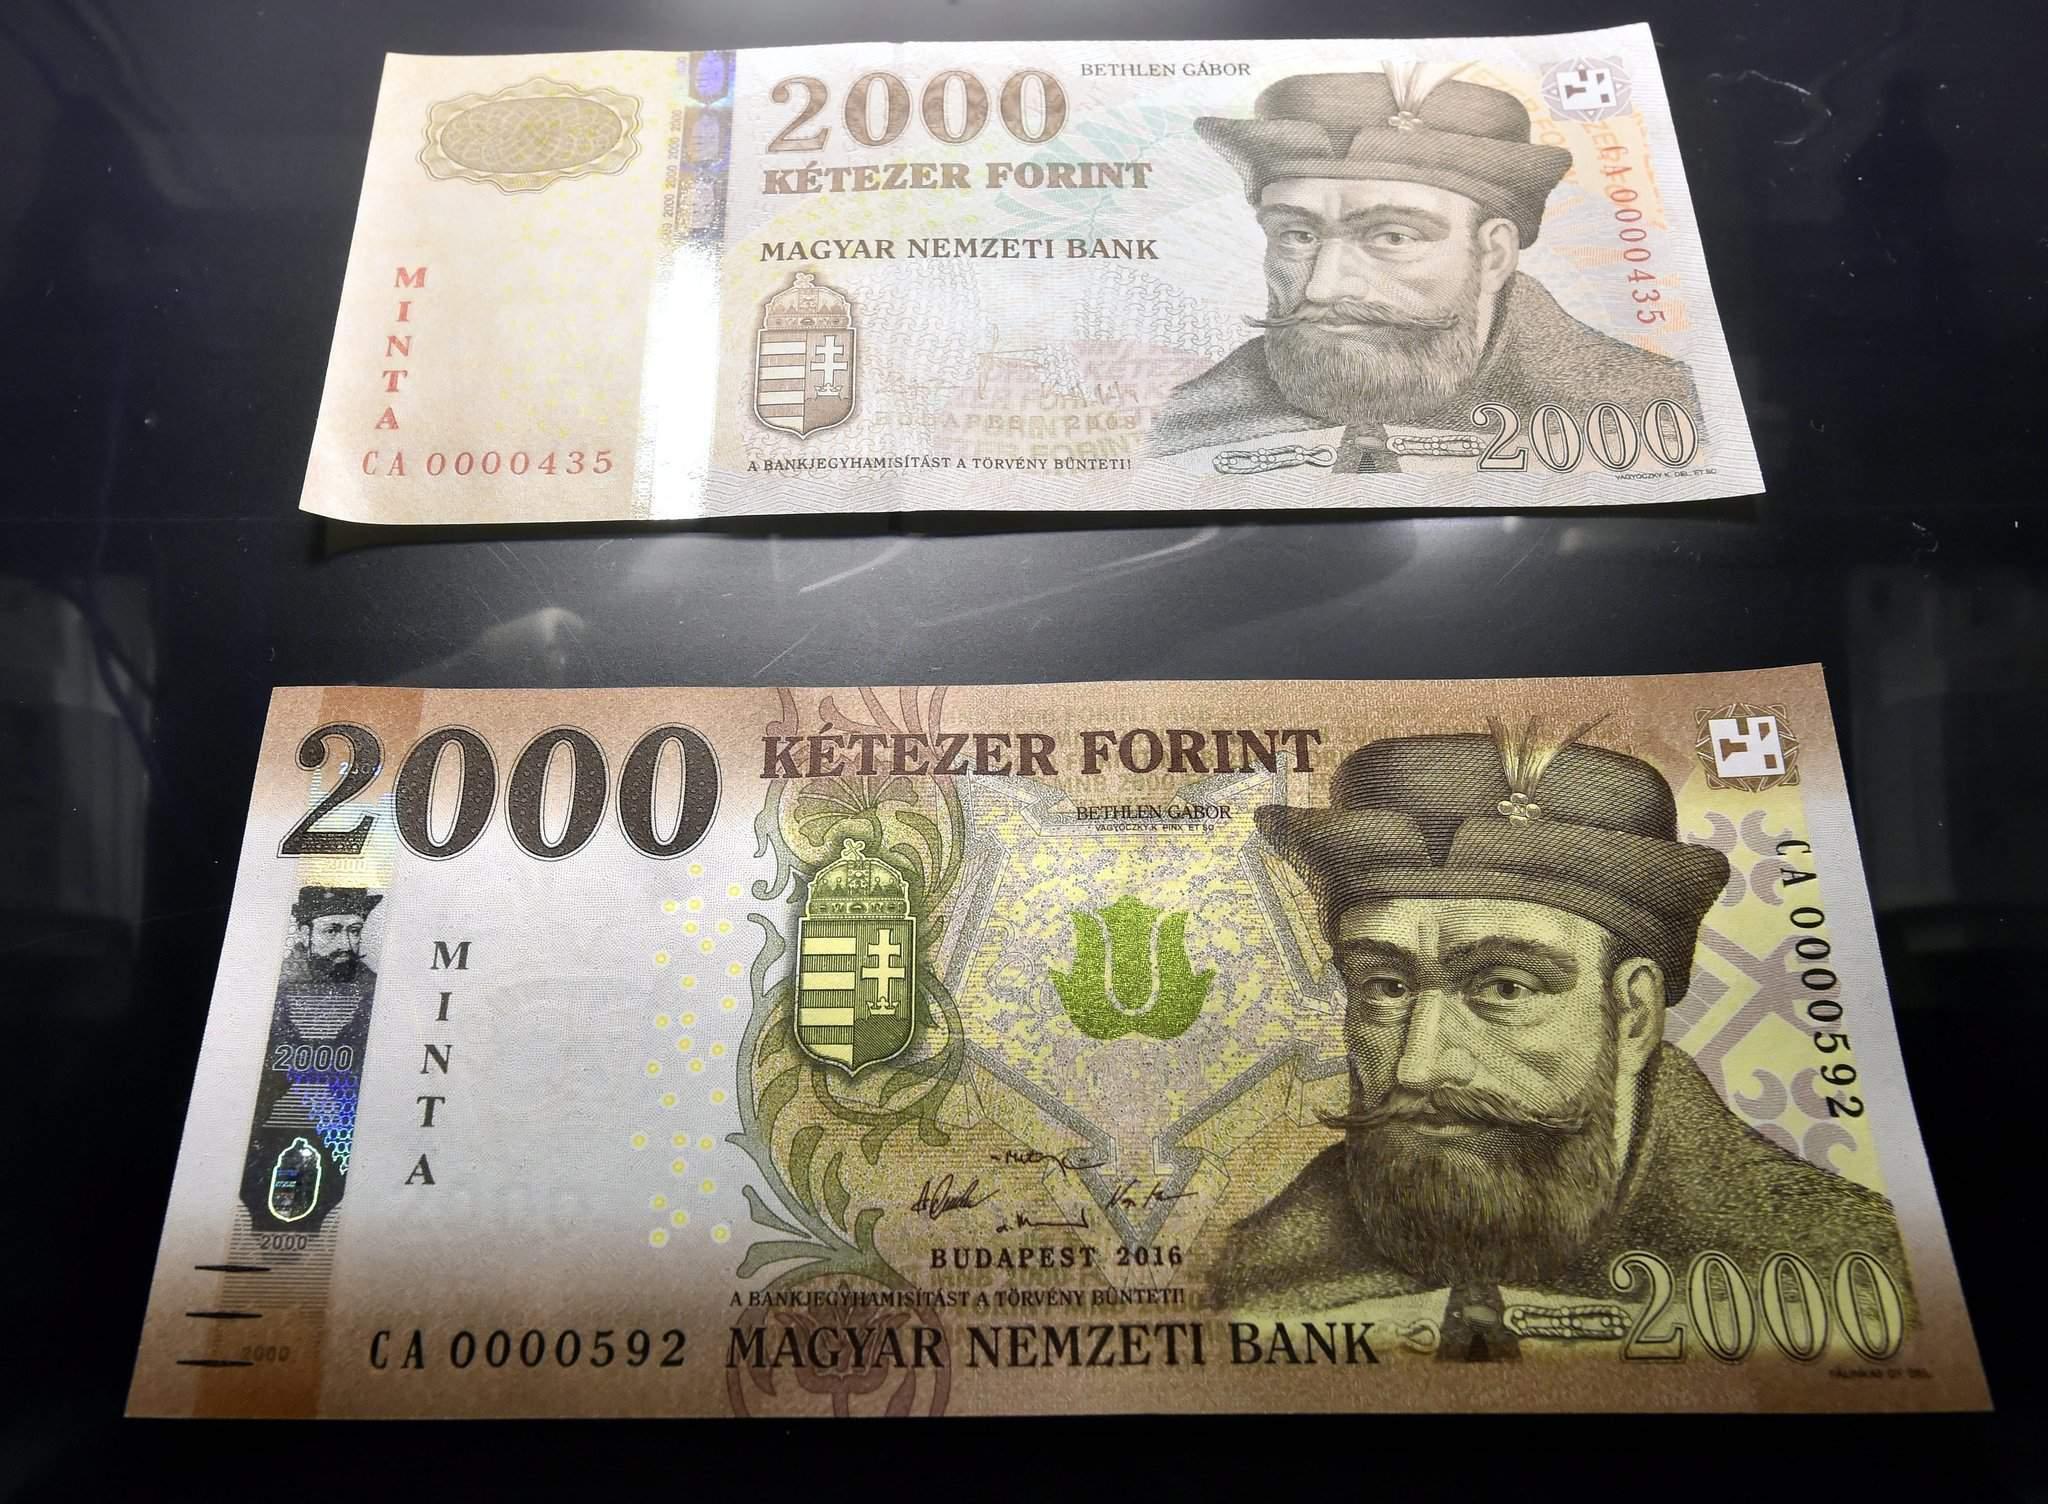 Budapest, 2016. november 14. Az új 2000 forintos bankjegy mintája (alul) az azonos címletû jelenlegi bankjegy mellett a Magyar Nemzeti Bank (MNB) fõvárosi székházában tartott sajtótájékoztatón 2016. november 14-én. Megújulnak a 2000 és az 5000 forintos címletû bankjegyek, az új bankók november 15-étõl válnak törvényes fizetõeszközzé, de a készpénzforgalomban csak 2017. március 1-jétõl lehet találkozni velük. A jelenlegi bankjegyek 2017. július 31-ig maradnak a készpénzforgalomban. MTI Fotó: Máthé Zoltán